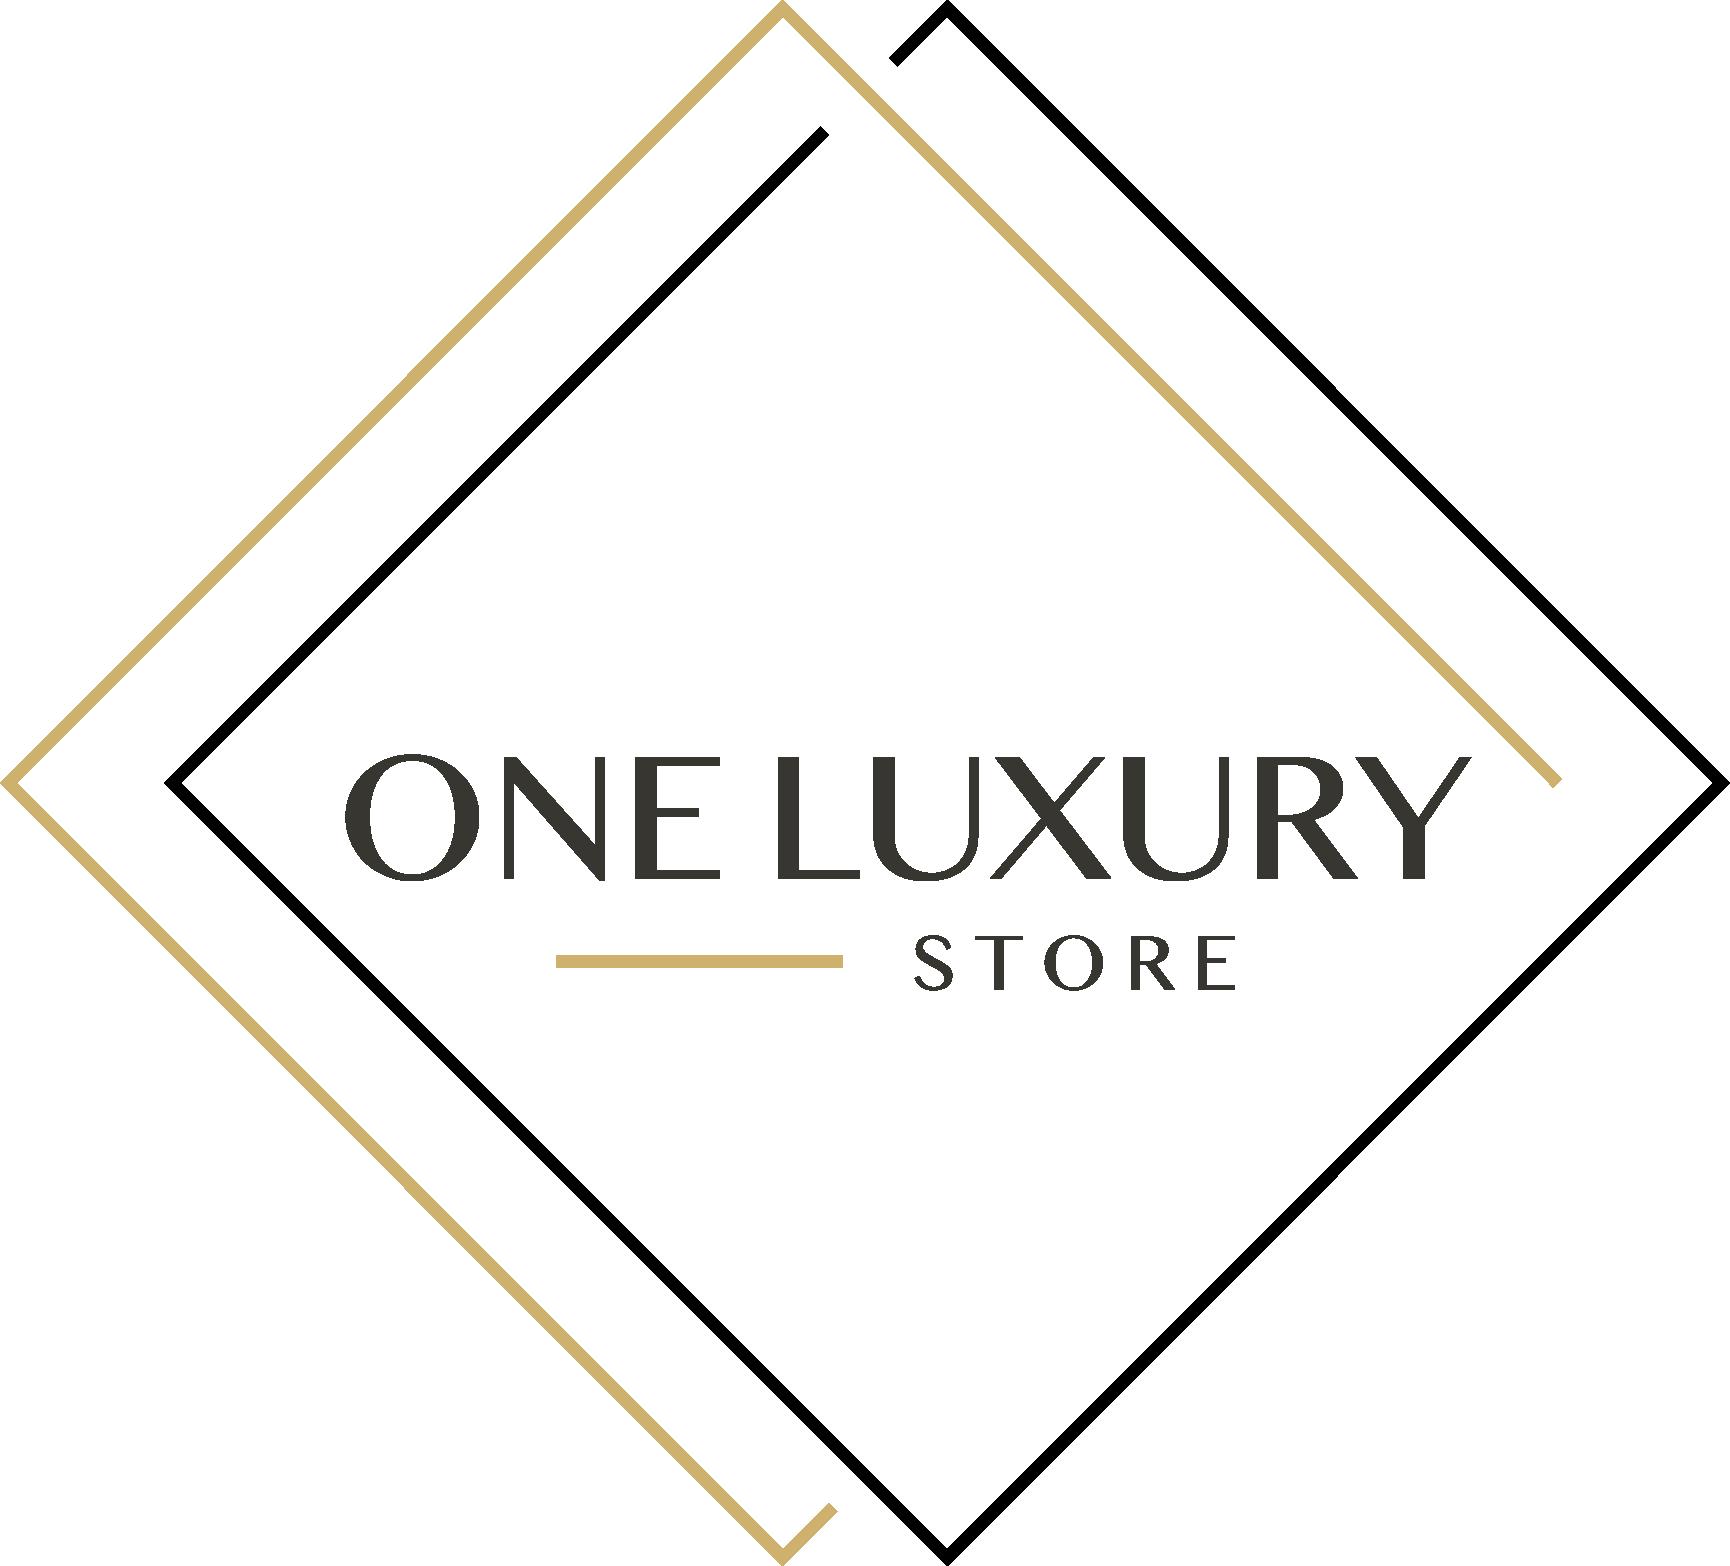 One Luxury Store